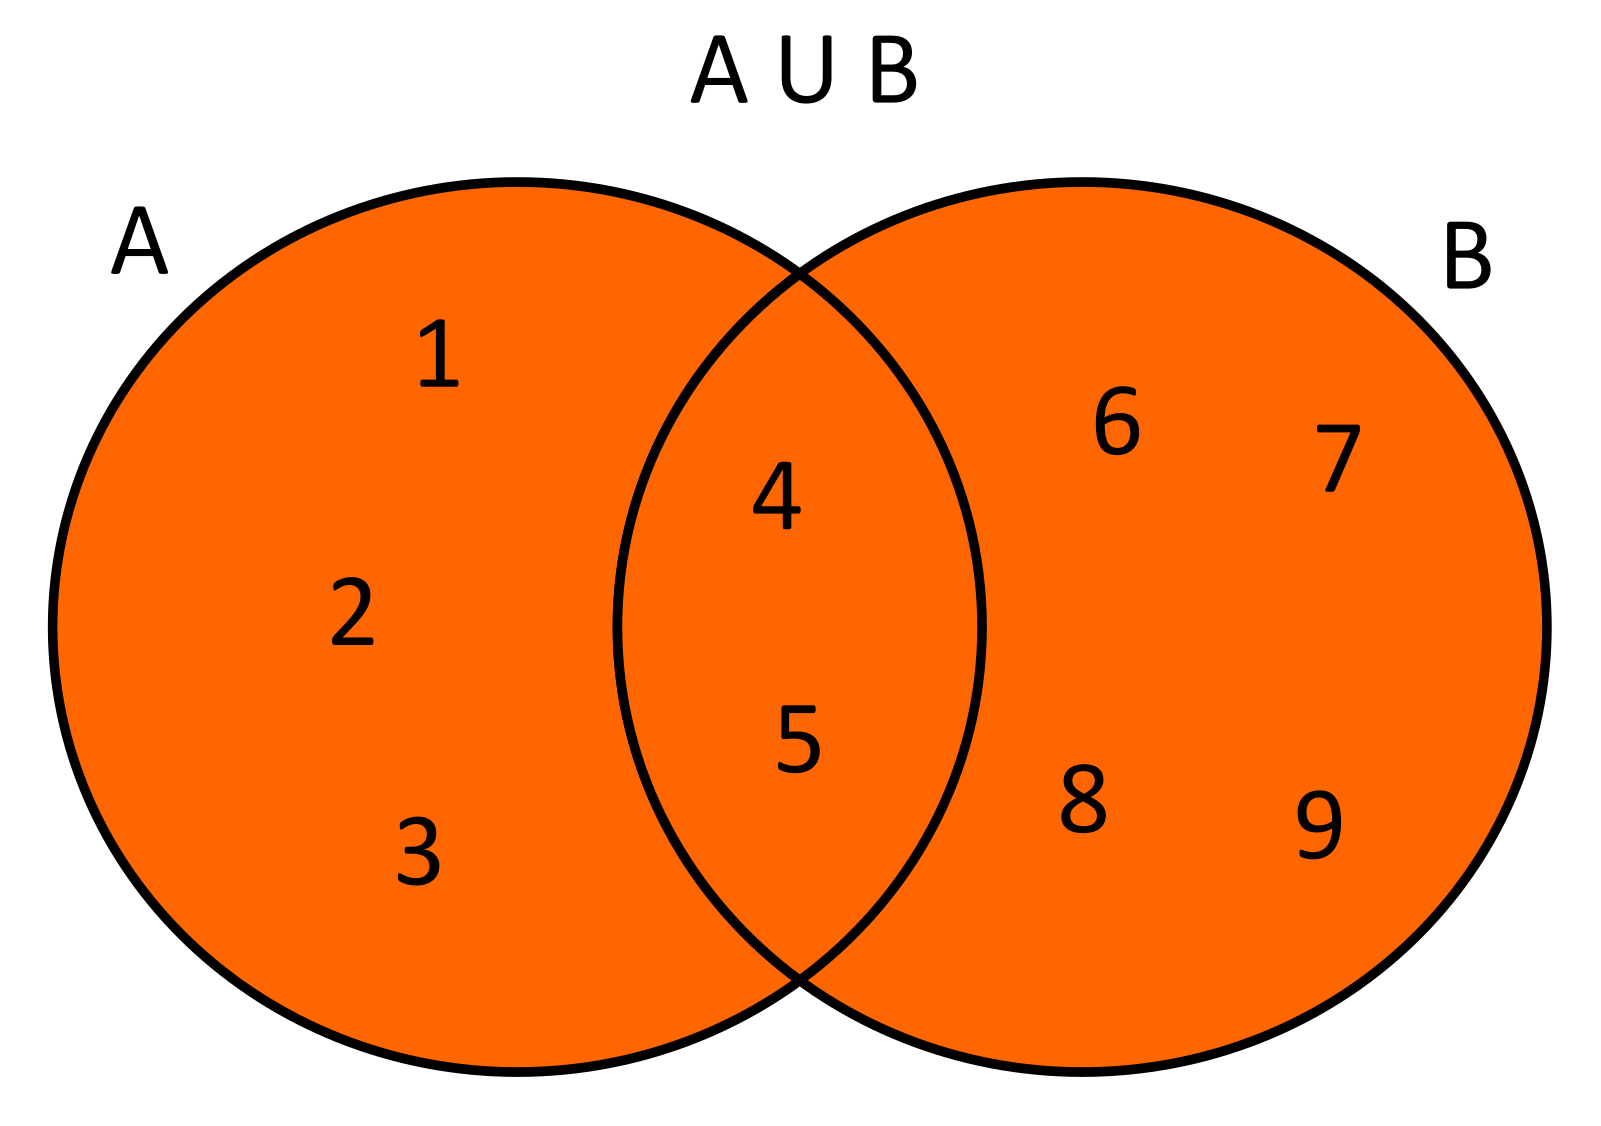 Conoce3000 dados dos conjuntos a12345 y b456789 la unin de estos conjuntos ser ab123456789 usando diagramas de venn se tendra lo ccuart Images